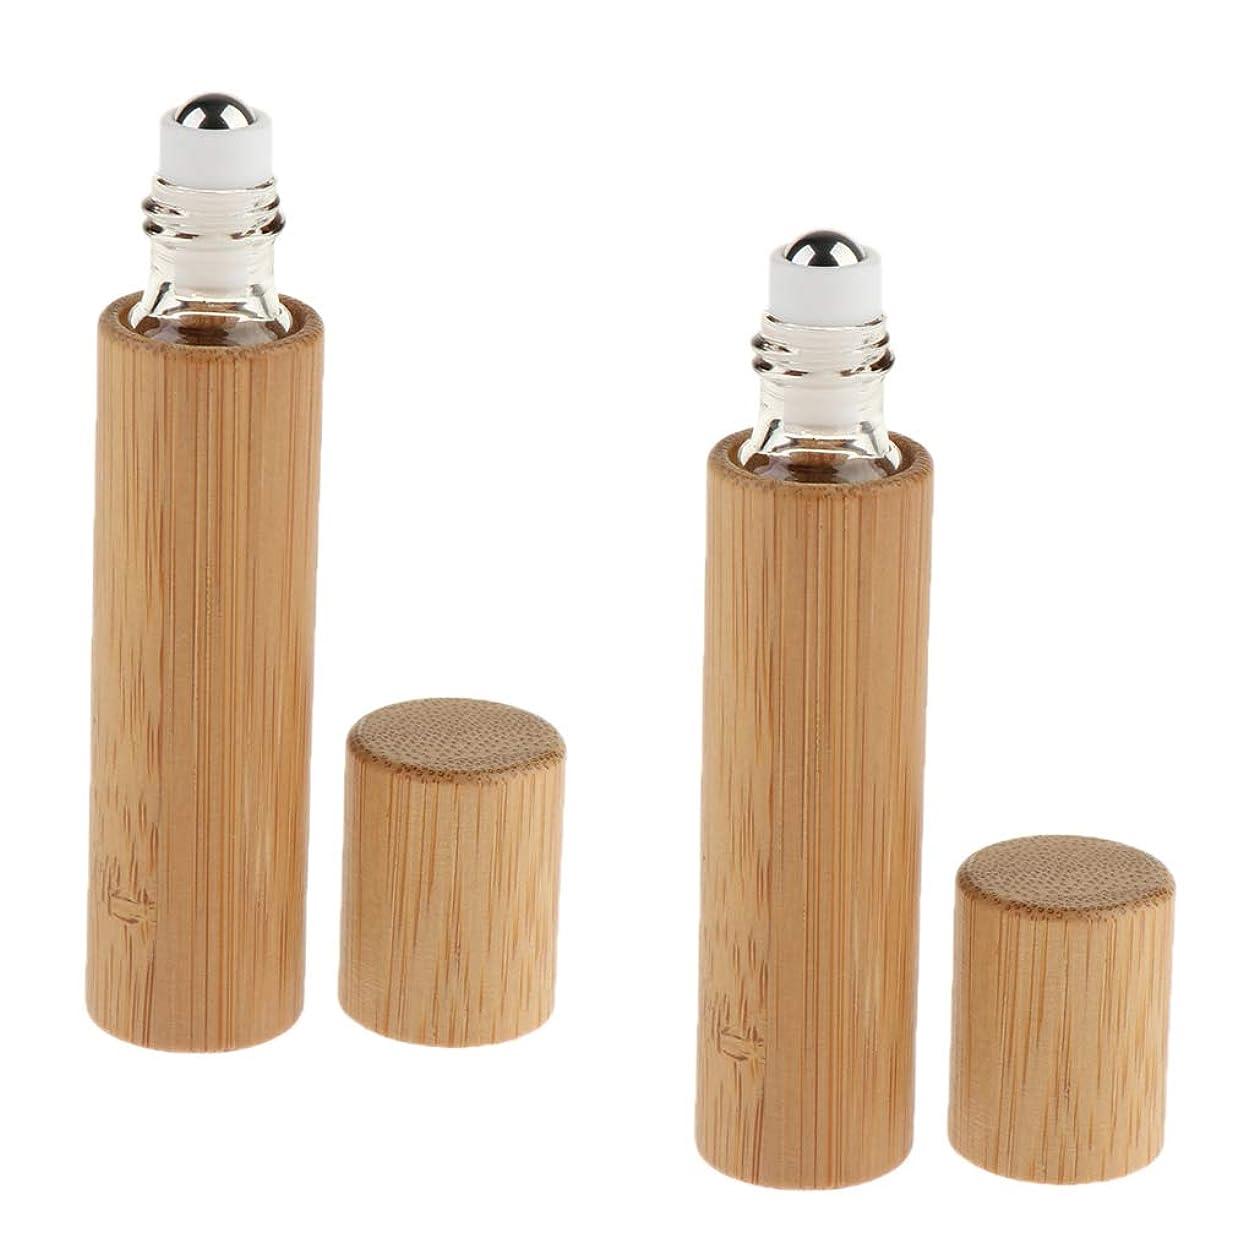 幹学校教育解釈するFenteer ロールオンボトル 小分けボトル 詰め替え 精油瓶 香水ボトル 竹 空容器 携带便利 10ml 2個入